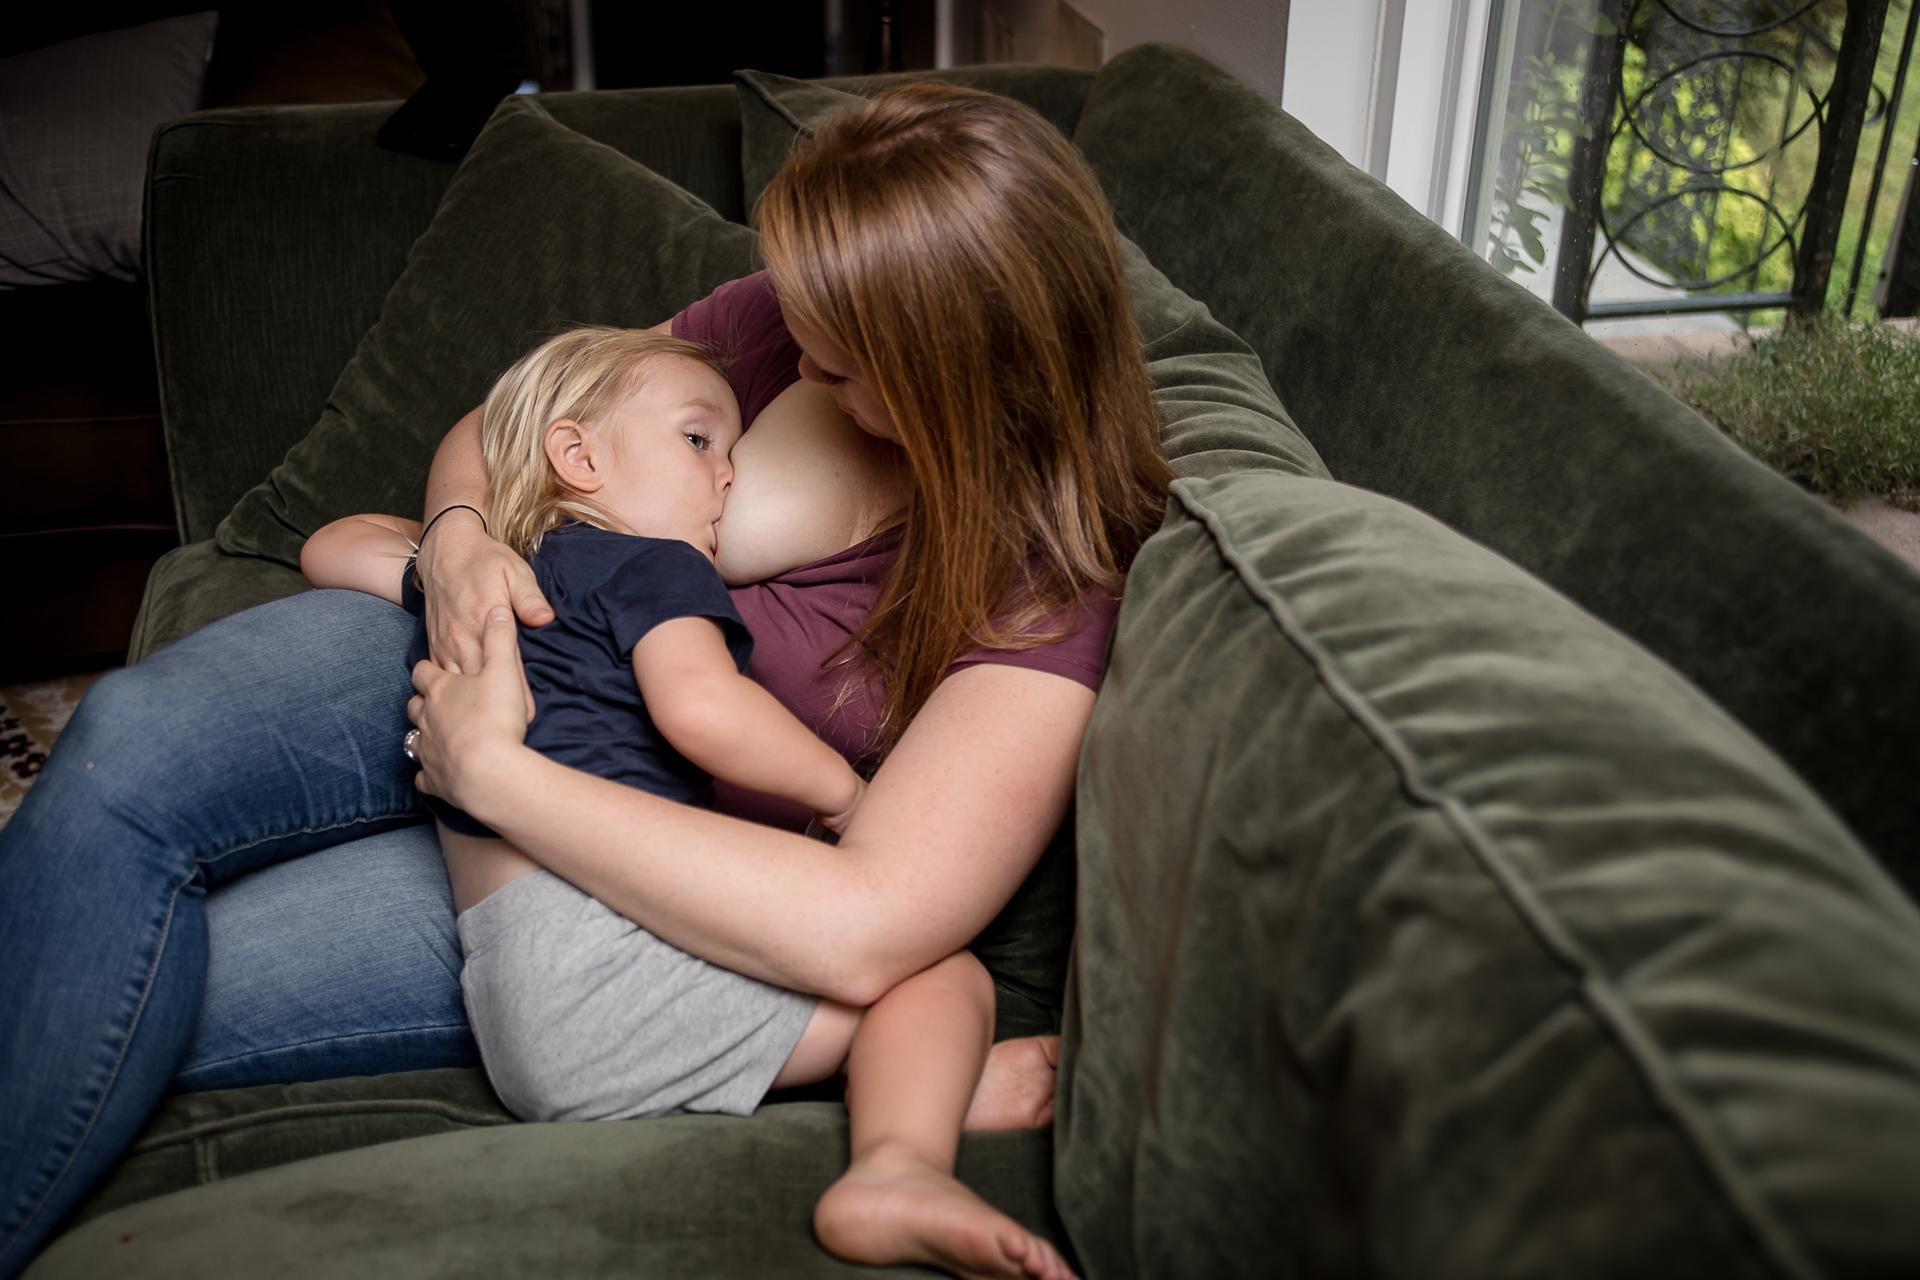 Young teen girl breastfeeding